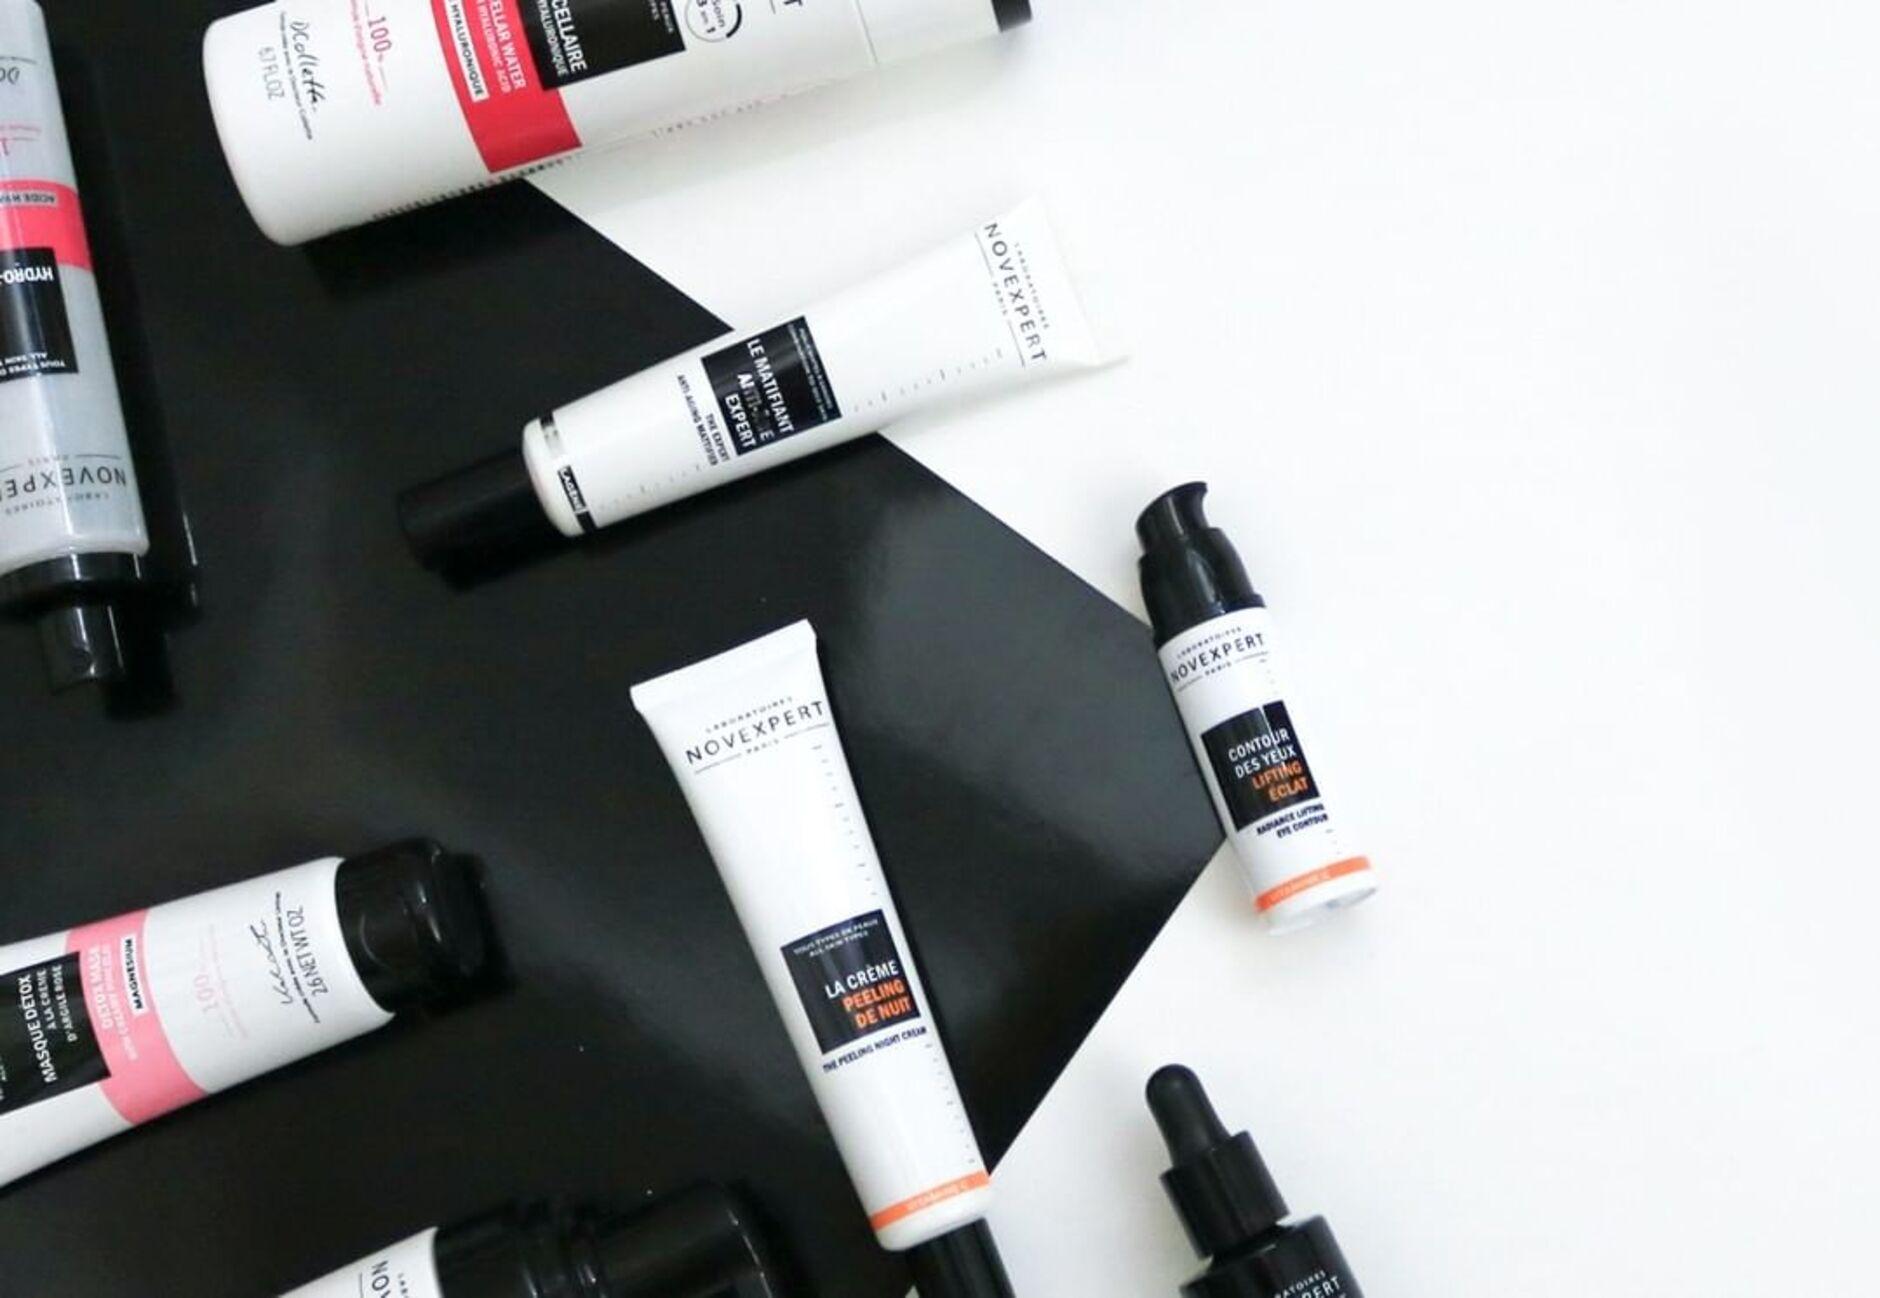 Conoce Novexpert, nuestra nueva marca de cosmética médica 100% natural